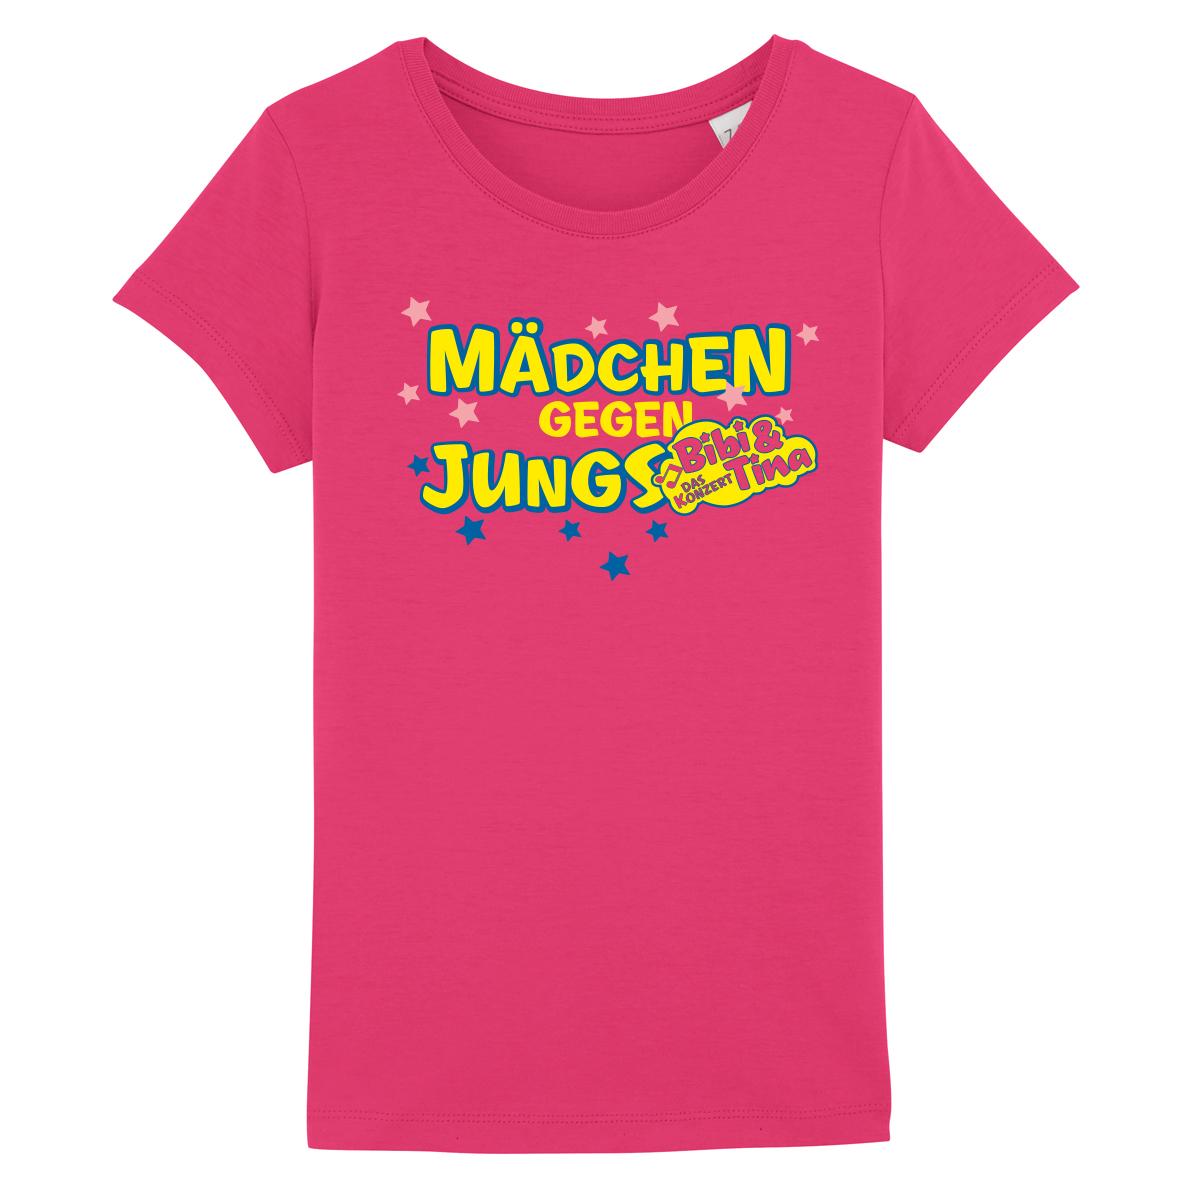 Bibi&Tina Mädchen gegen Jungs Shirt Kids T-Shirt pink/raspberry